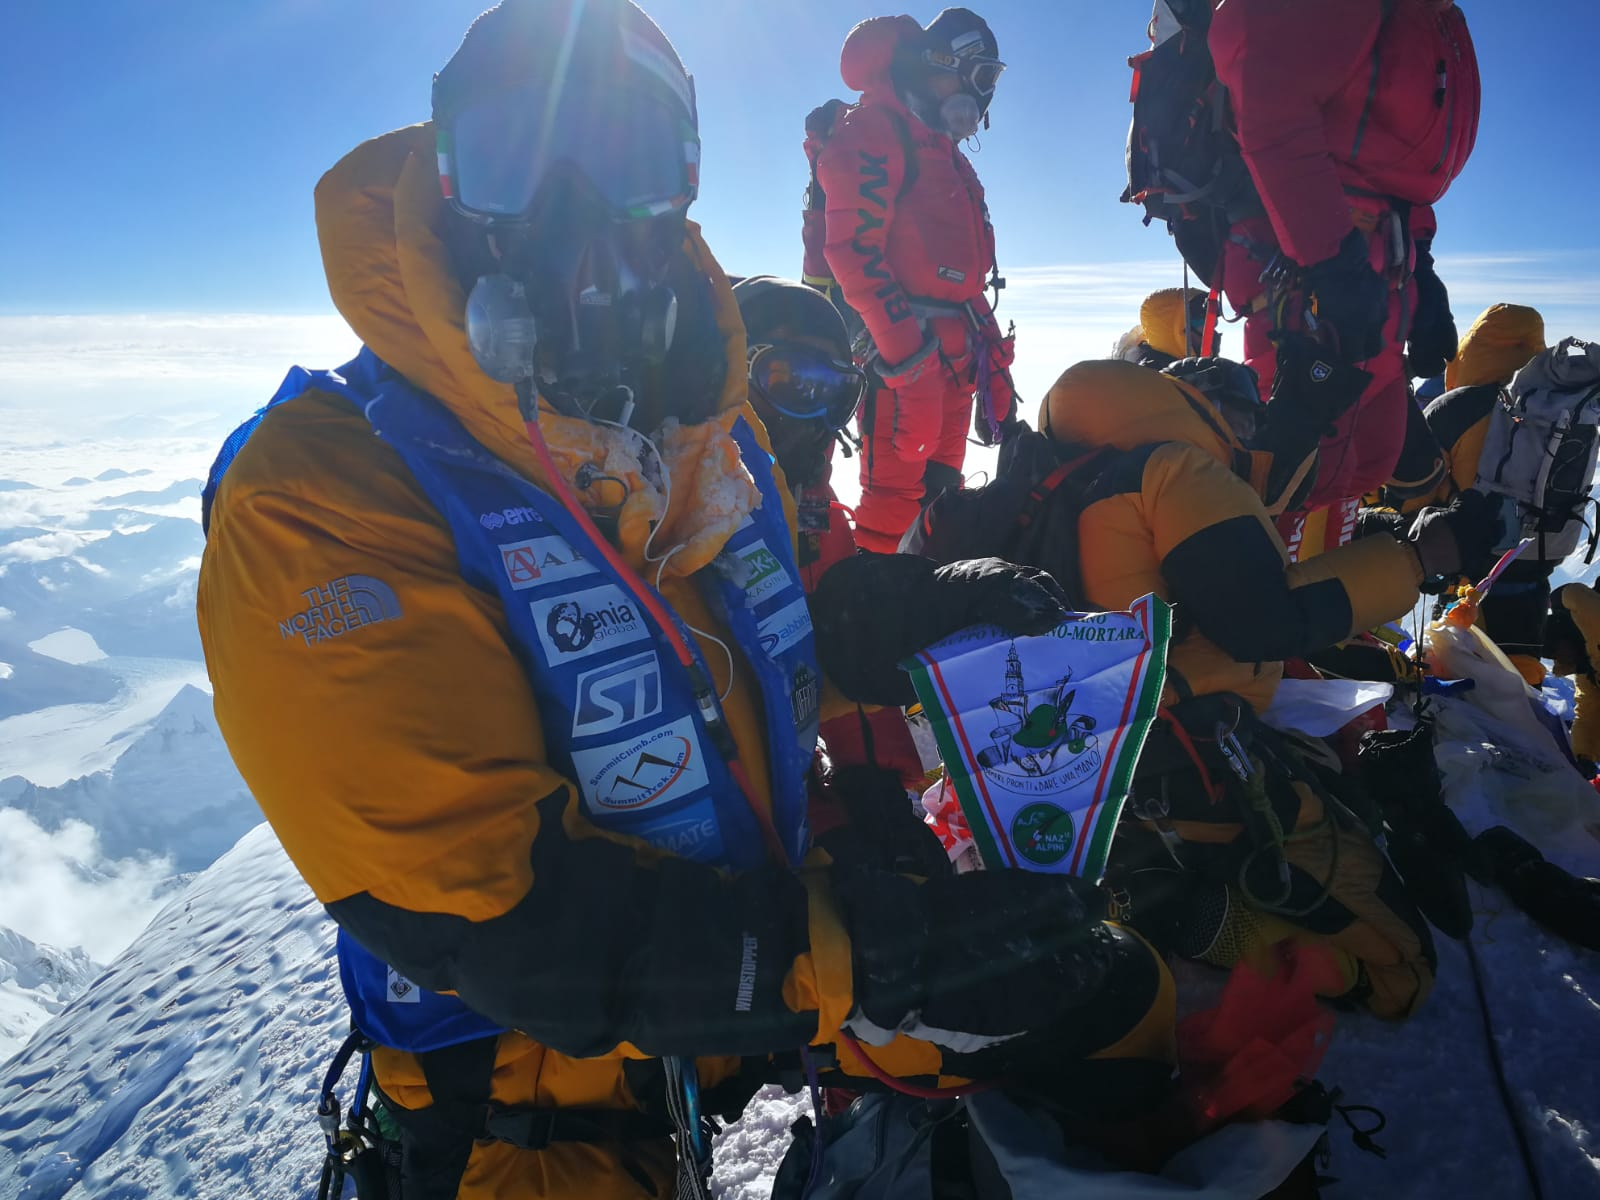 Photo of Luca Colli di corsa in vetta all'Everest. Anche sul versante tibetano ritardi burocratici e ingorghi